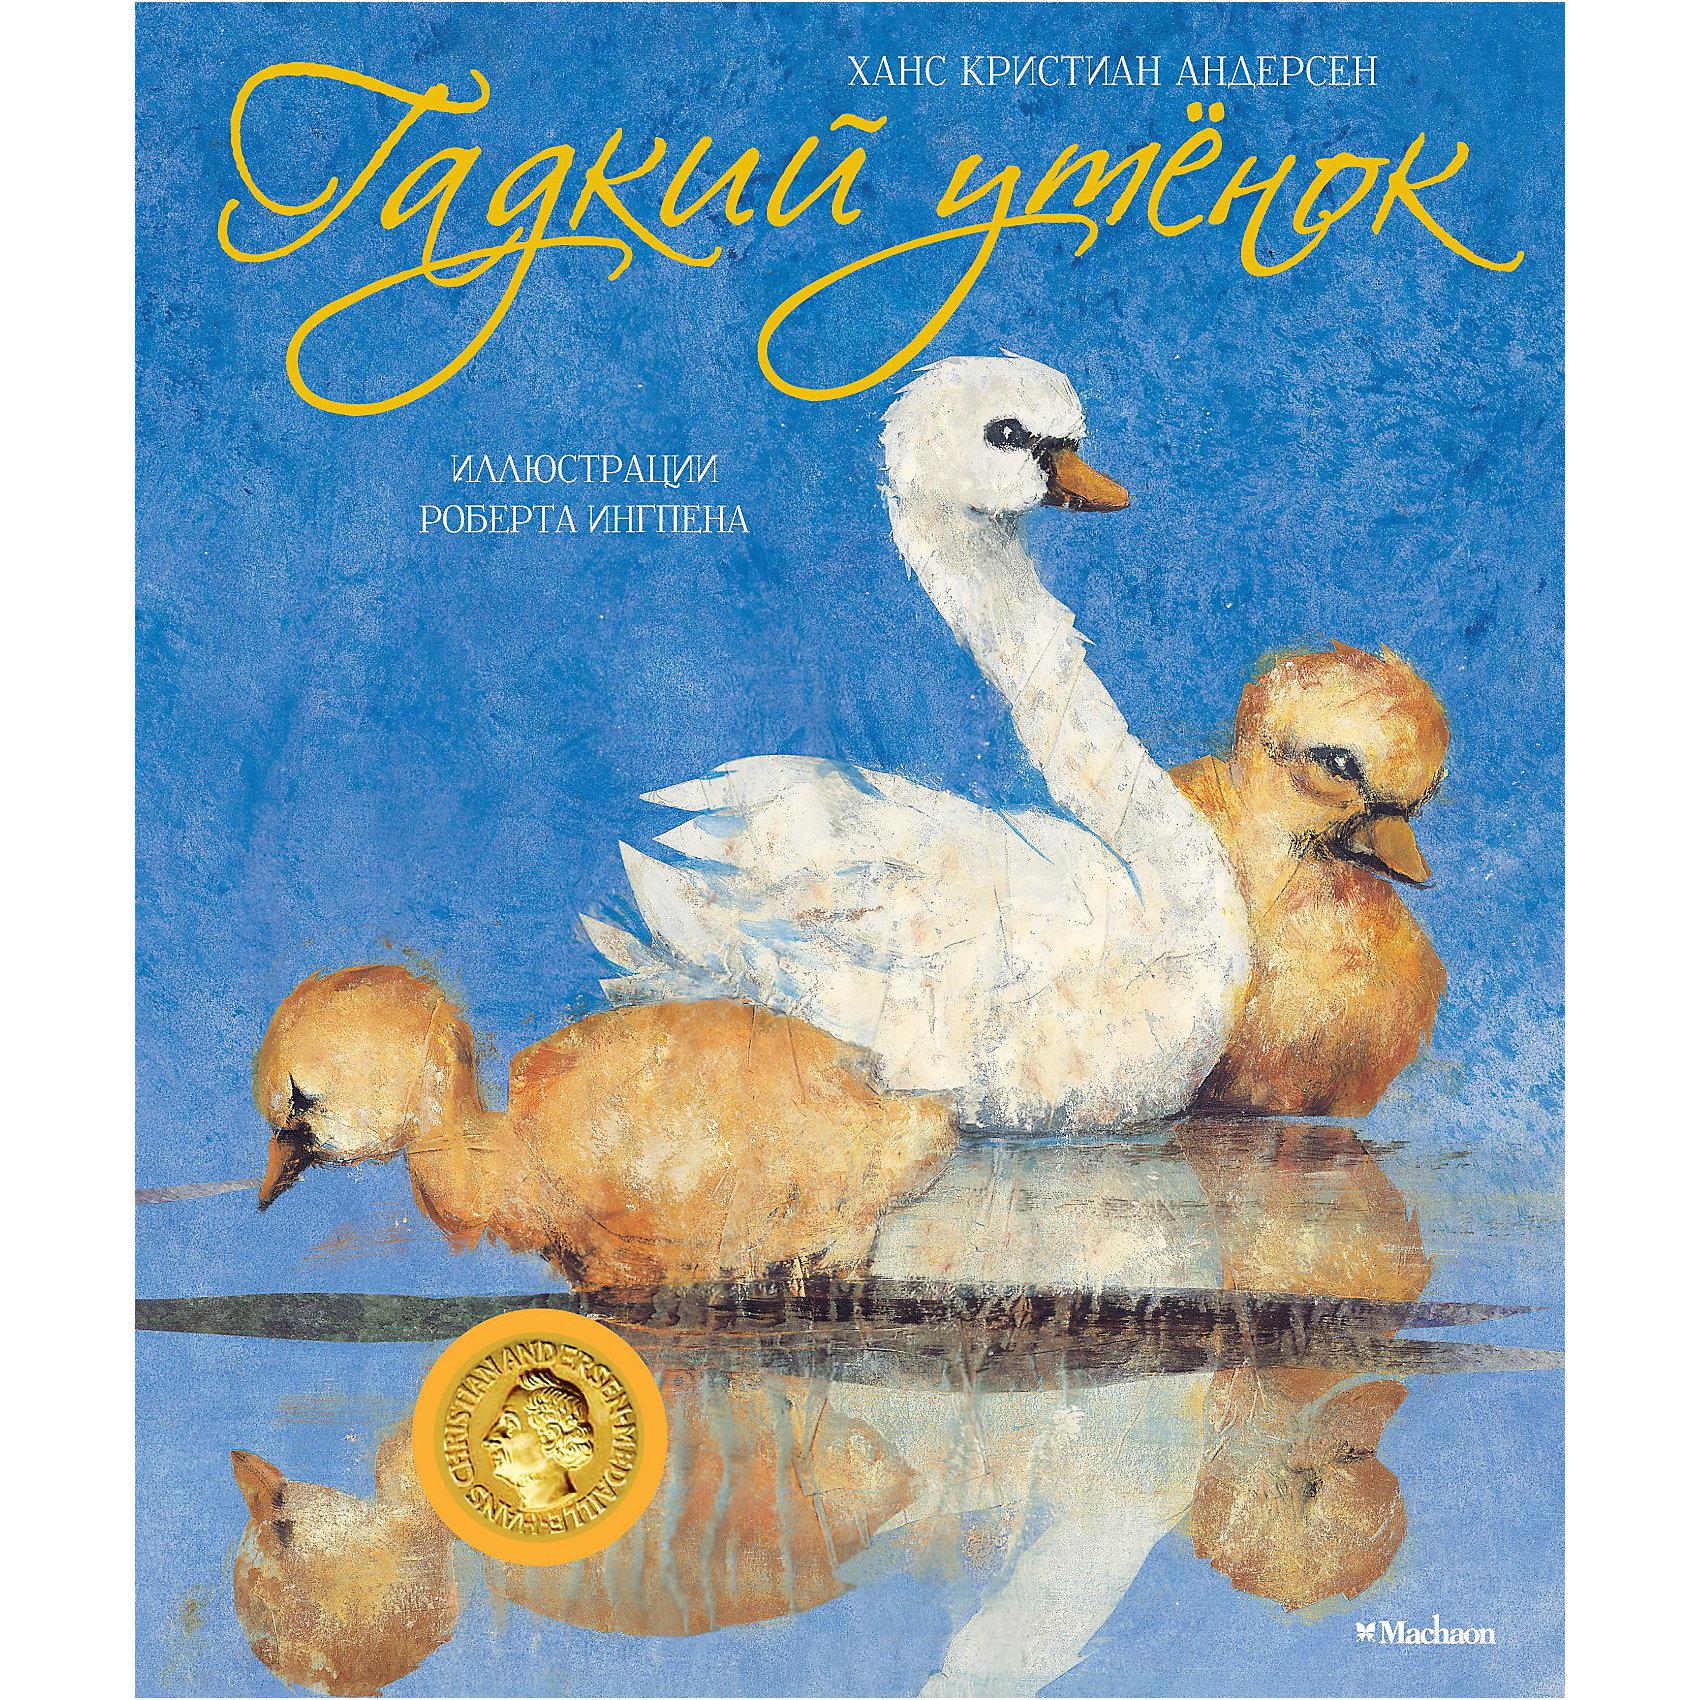 Гадкий утенок, Х.Г. АндерсенЗнаменитая сказка Х.К. Андерсена о гадком утёнке, который превратился в прекрасного лебедя, обрела в этом издании от Махаон новую жизнь благодаря великолепным иллюстрациям австралийского художника Роберта Ингпена. Он получил всемирную известность как автор и иллюстратор более сотни различных книг. В 1986 году Р. Ингпен был удостоен Международной премии имени Х.К. Андерсена за вклад в детскую литературу.<br><br>В последнее время Р. Ингпен проиллюстрировал такие произведения классической литературы, как «Остров Сокровищ», «Книга джунглей», «Алиса в Стране чудес», «Питер Пэн и Венди», «Приключения Тома Сойера», «Ветер в ивах», «Рождественская ёлка», «Удивительный волшебник из Страны Оз», «Вокруг света в восемьдесят дней», «Таинственный сад».<br><br>Дополнительная информация:<br><br>- Автор: Г. К. Андерсен.<br>- Художник: Роберт Ингпен<br>- Серия  Книги с иллюстрациями Роберта Ингпена.<br>- Переплет: твердая обложка.<br>- Иллюстрации: цветные.<br>- Объем: 40 стр.<br>- Размер: 28,8 x 24,5 x 1,1 см.<br>- Вес: 0,464 гр.<br><br>Книгу Х. К. Андерсена Гадкий утенок от Махаон можно купить в нашем интернет-магазине.<br><br>Ширина мм: 145<br>Глубина мм: 247<br>Высота мм: 18<br>Вес г: 479<br>Возраст от месяцев: 72<br>Возраст до месяцев: 132<br>Пол: Унисекс<br>Возраст: Детский<br>SKU: 3539964